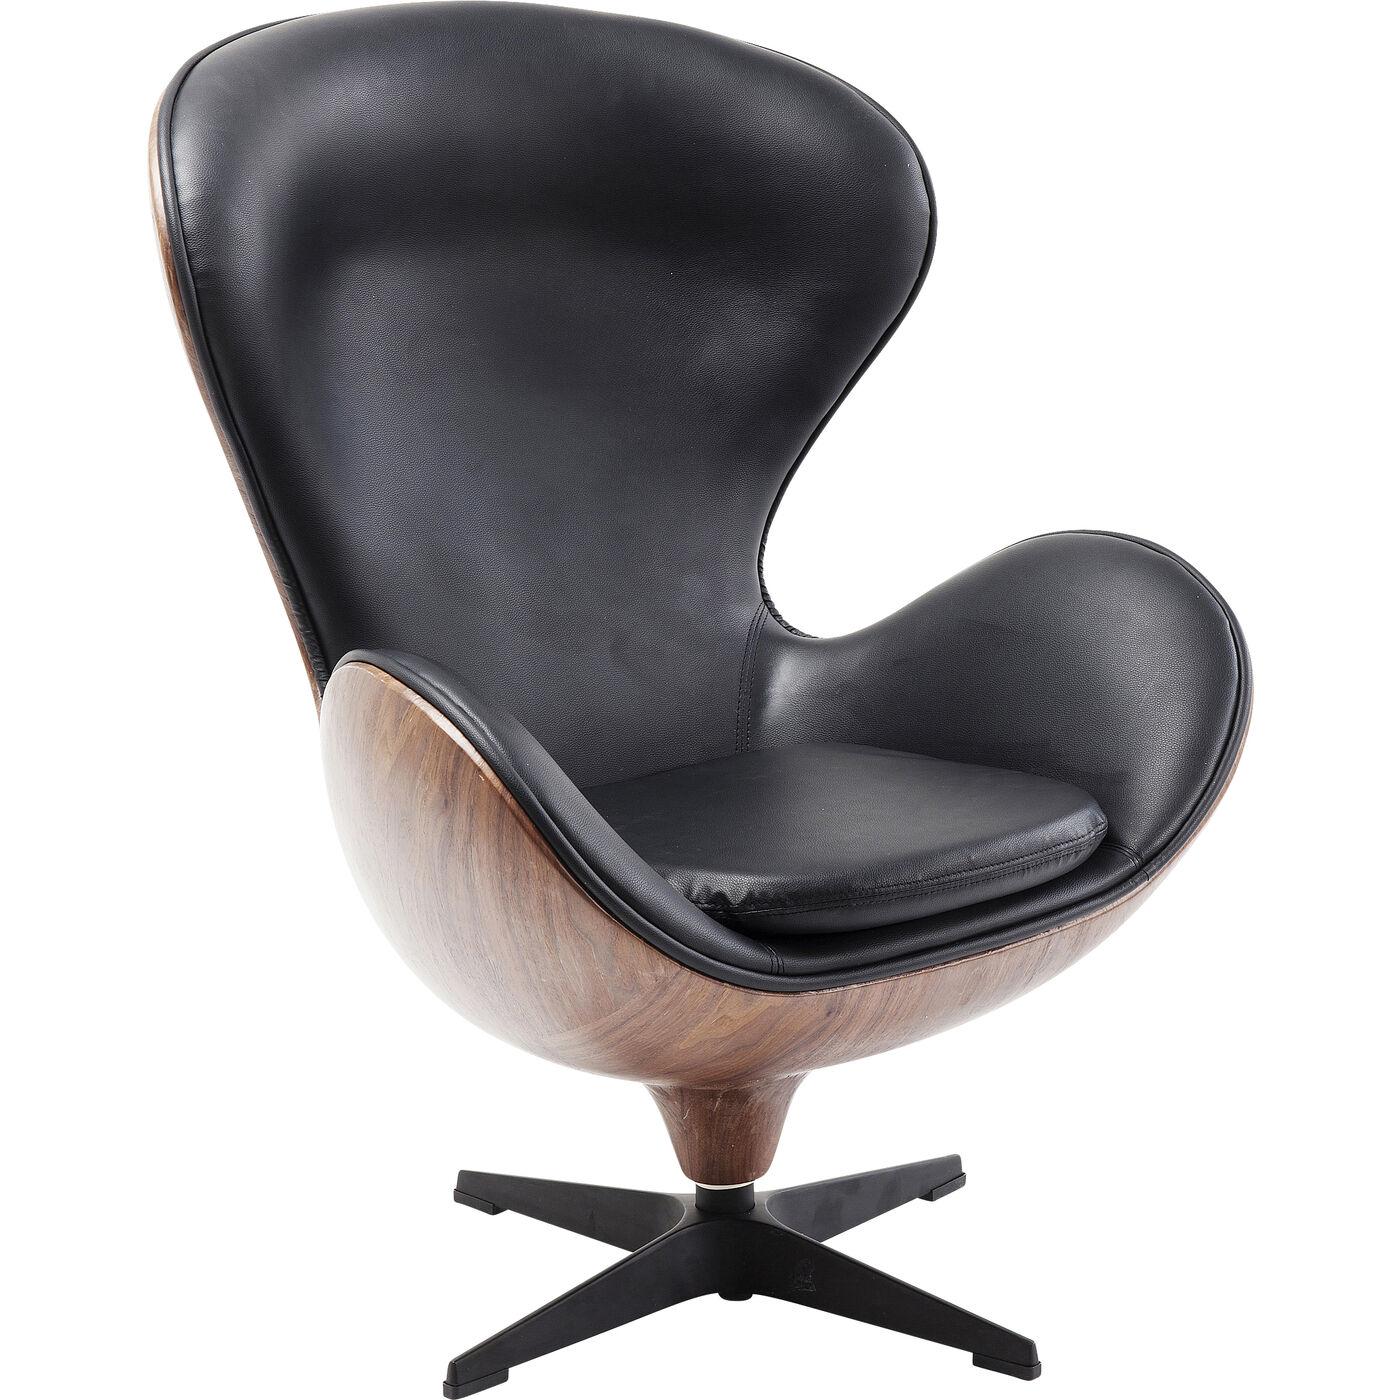 Drehsessel Lounge Black Walnut